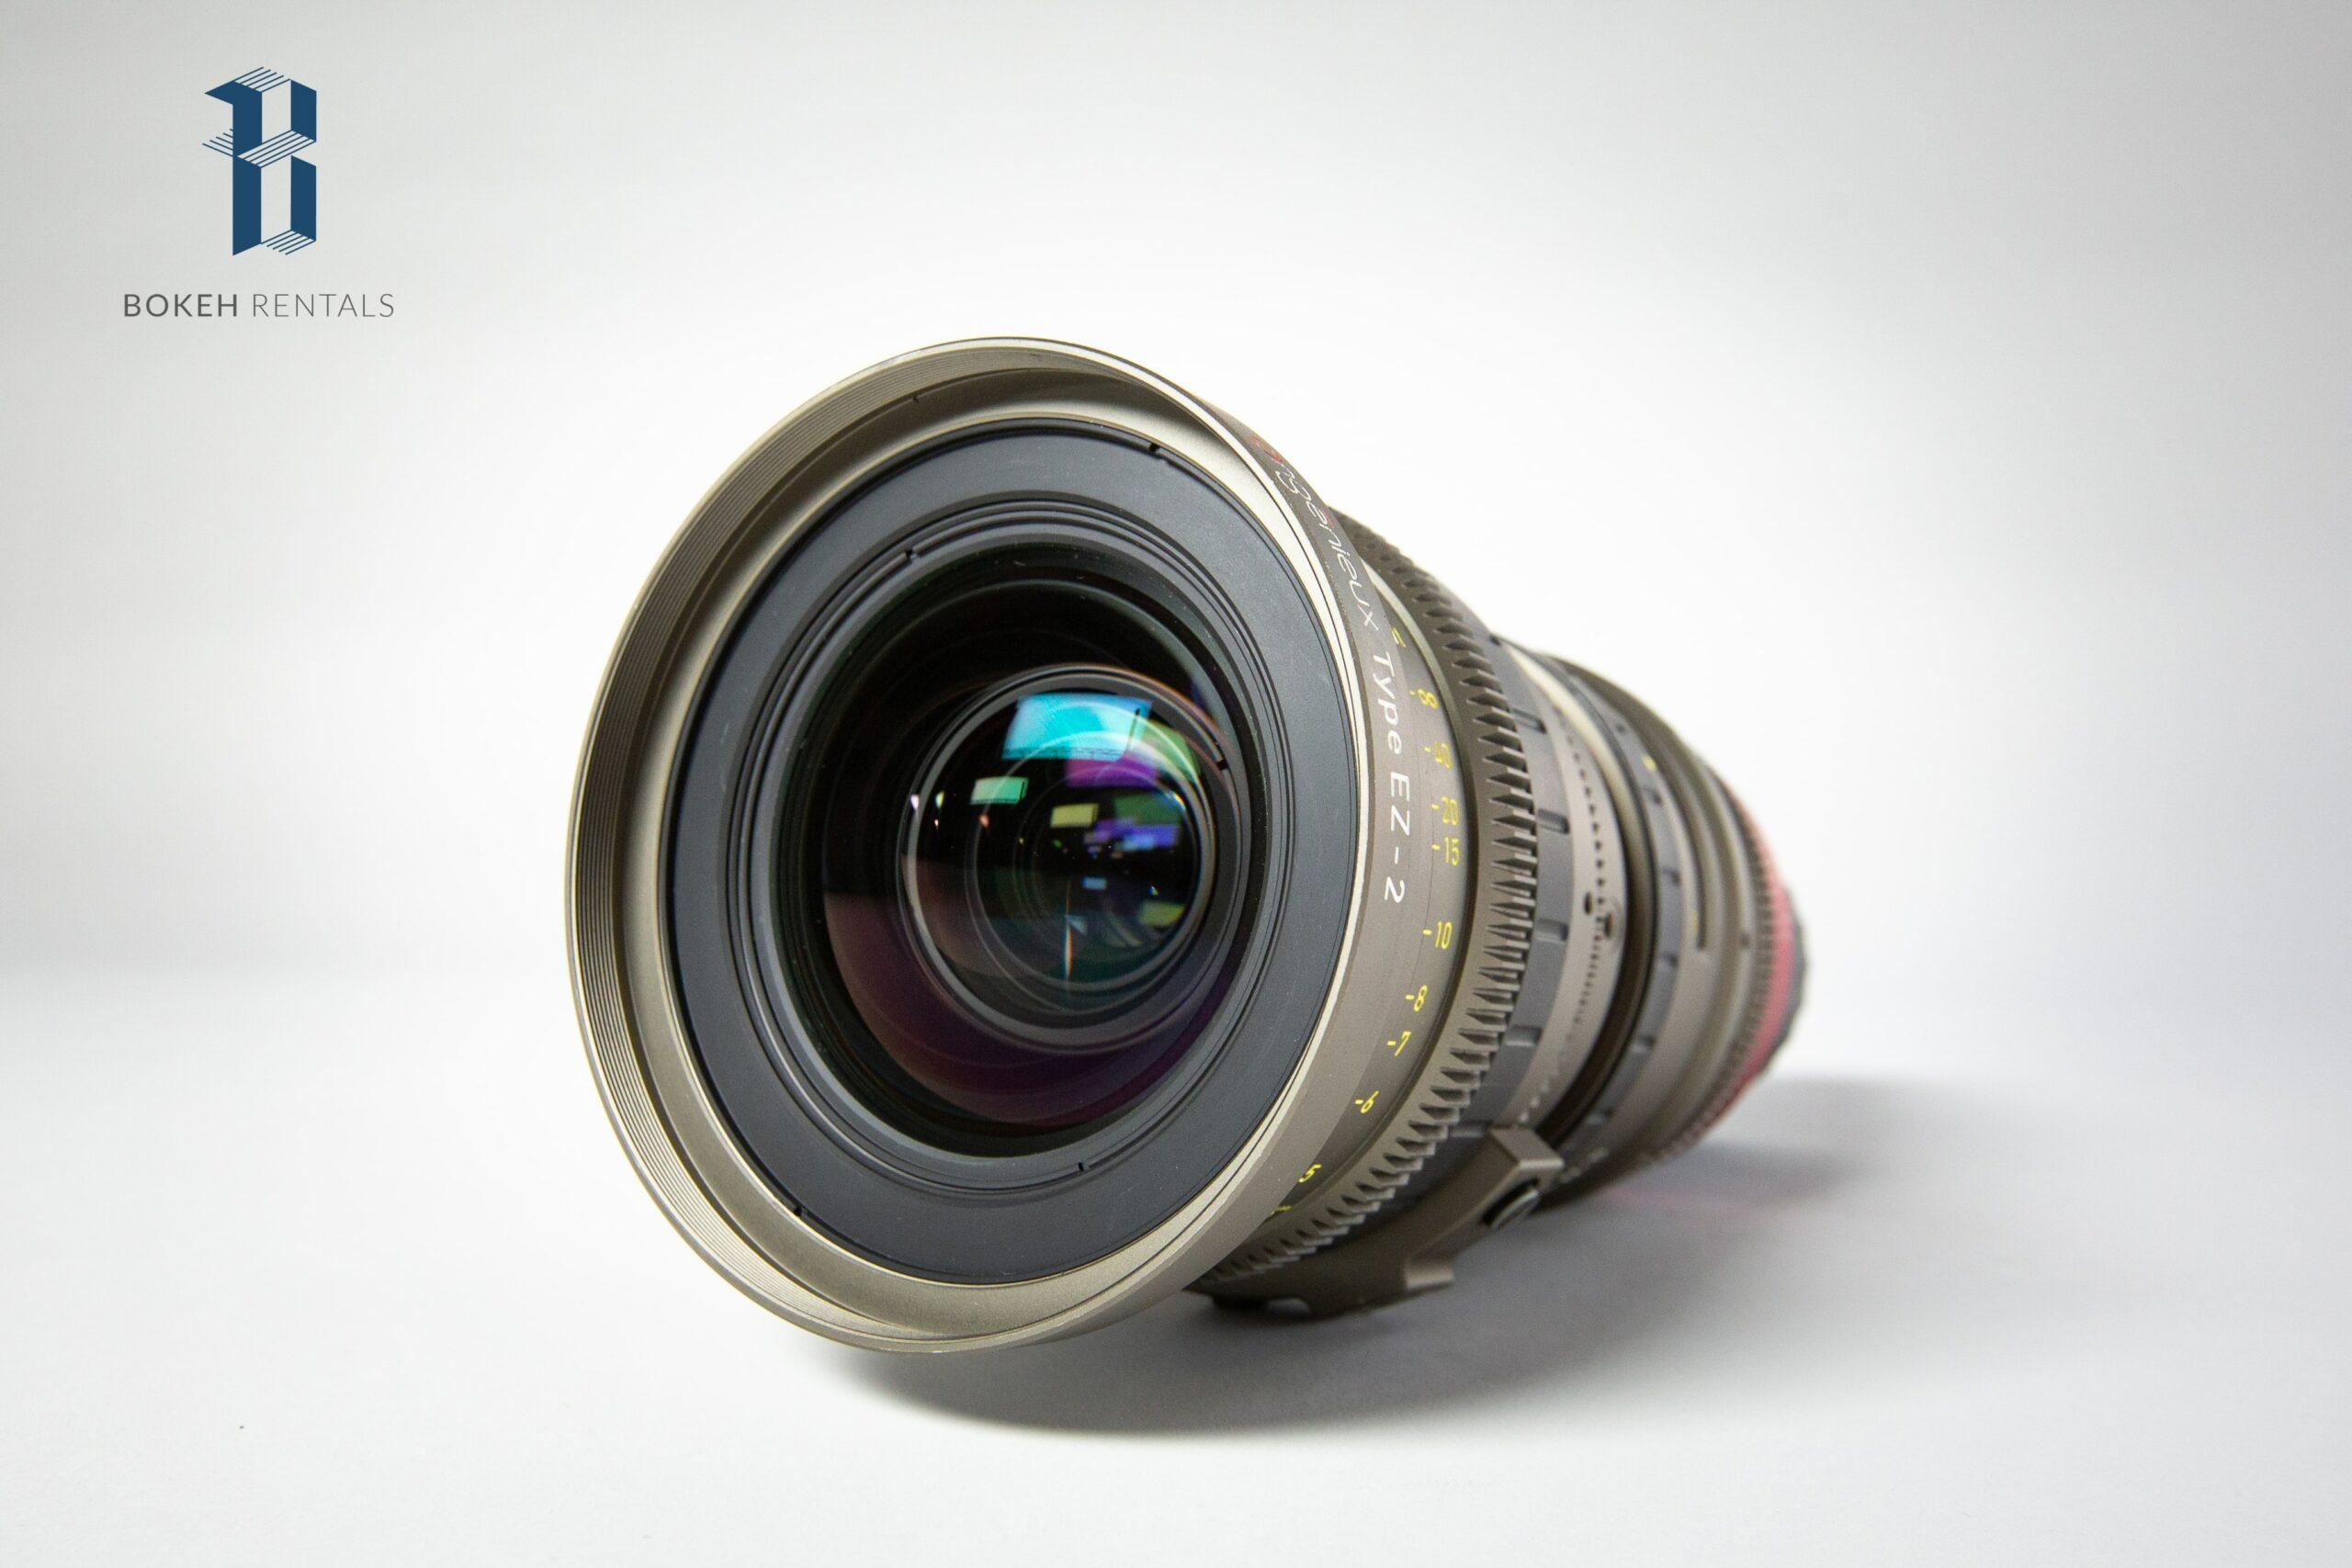 Angenieux EZ-2